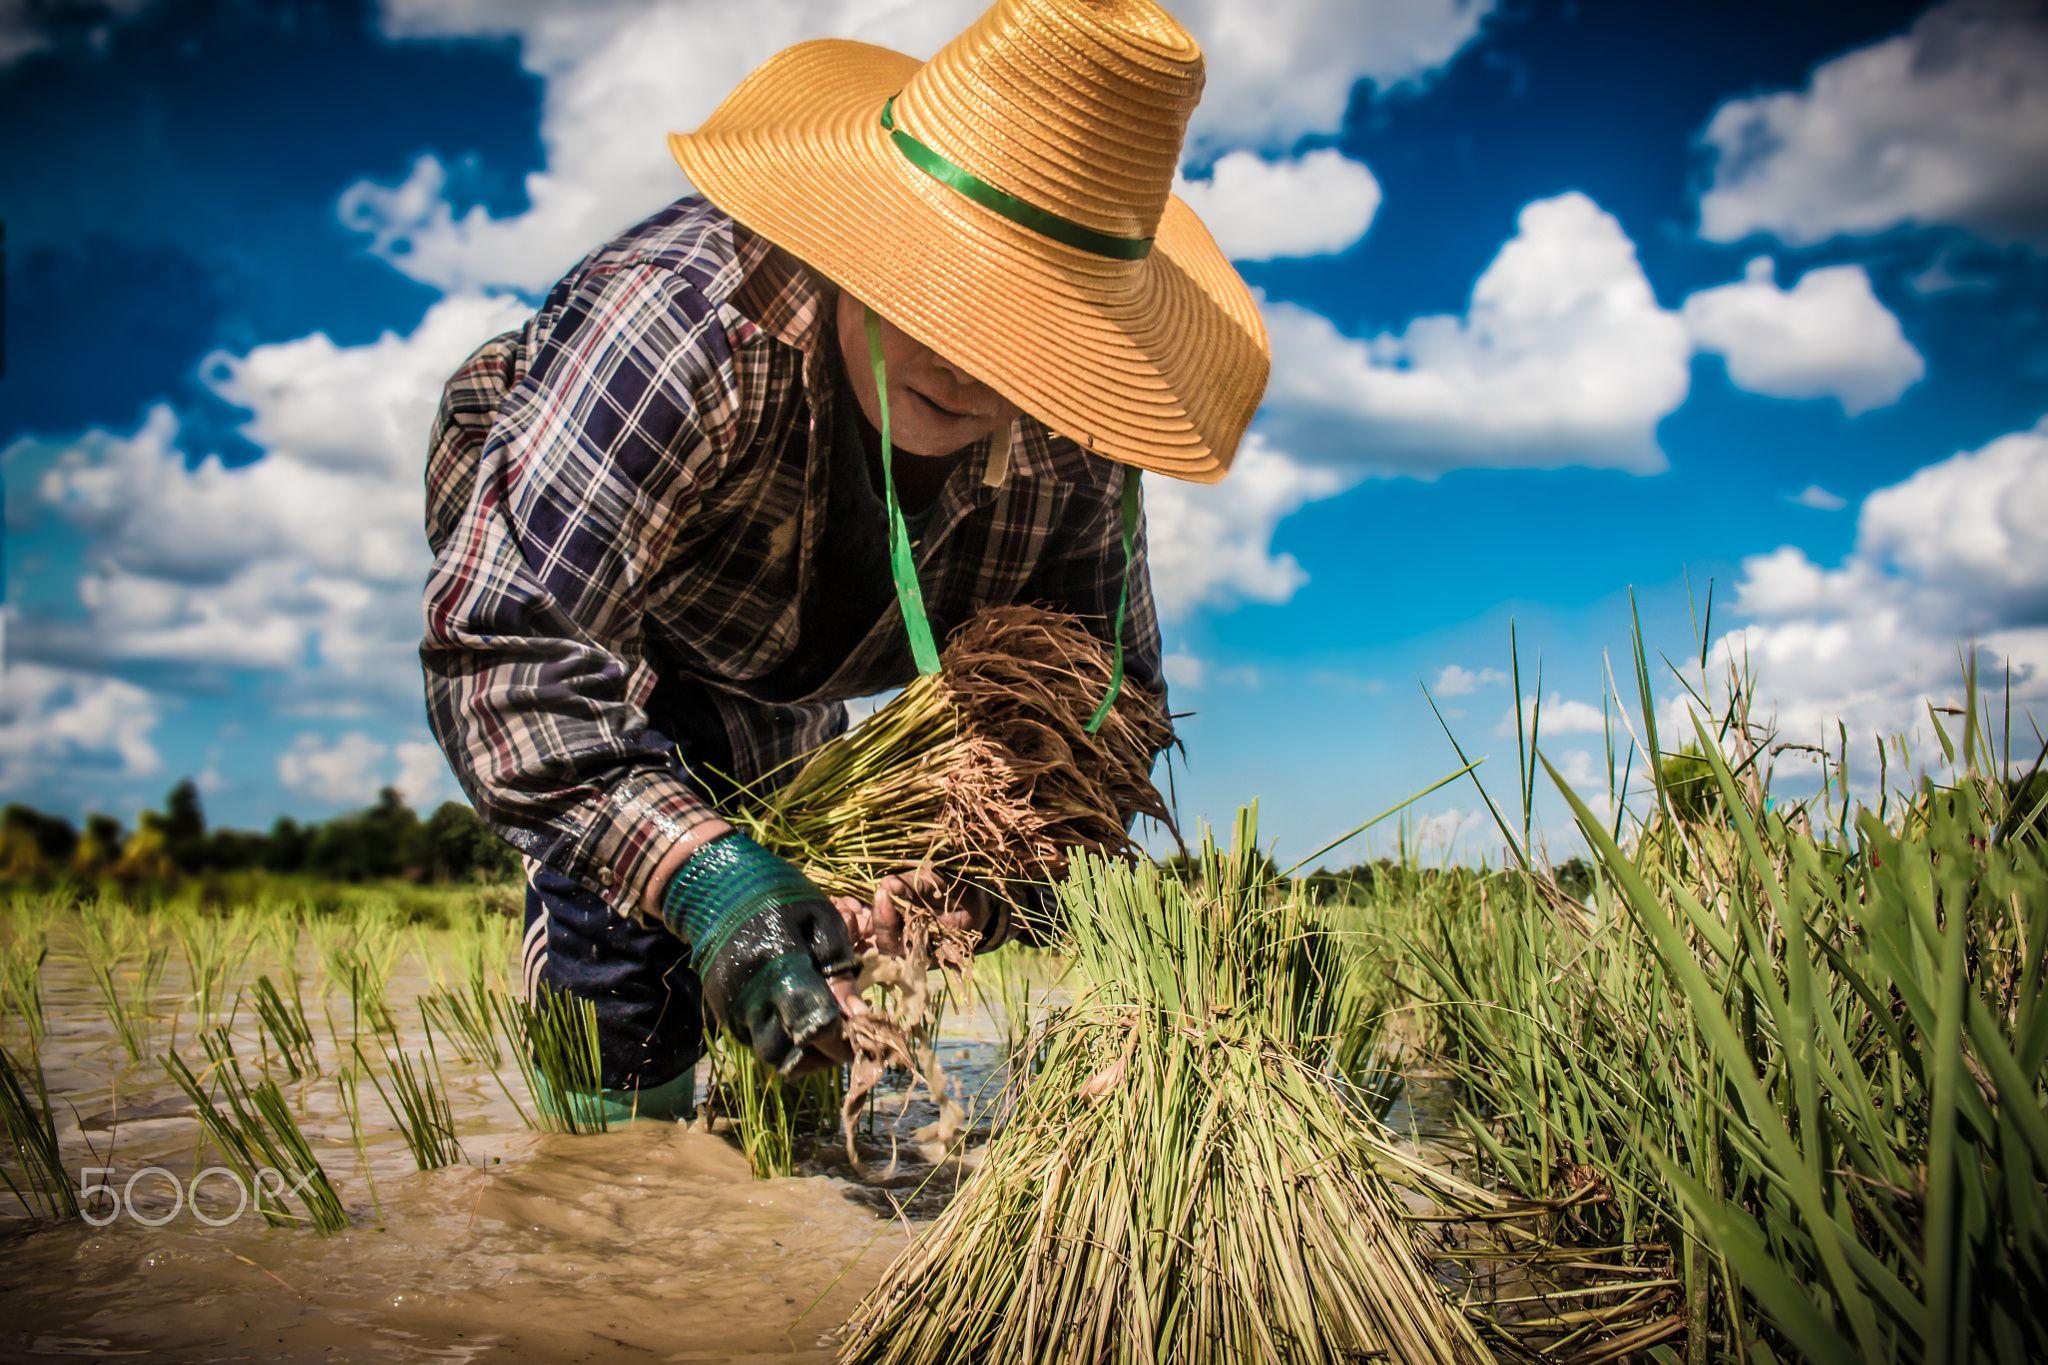 Thai Farmer Today - Thai Farmer growing rice with hand